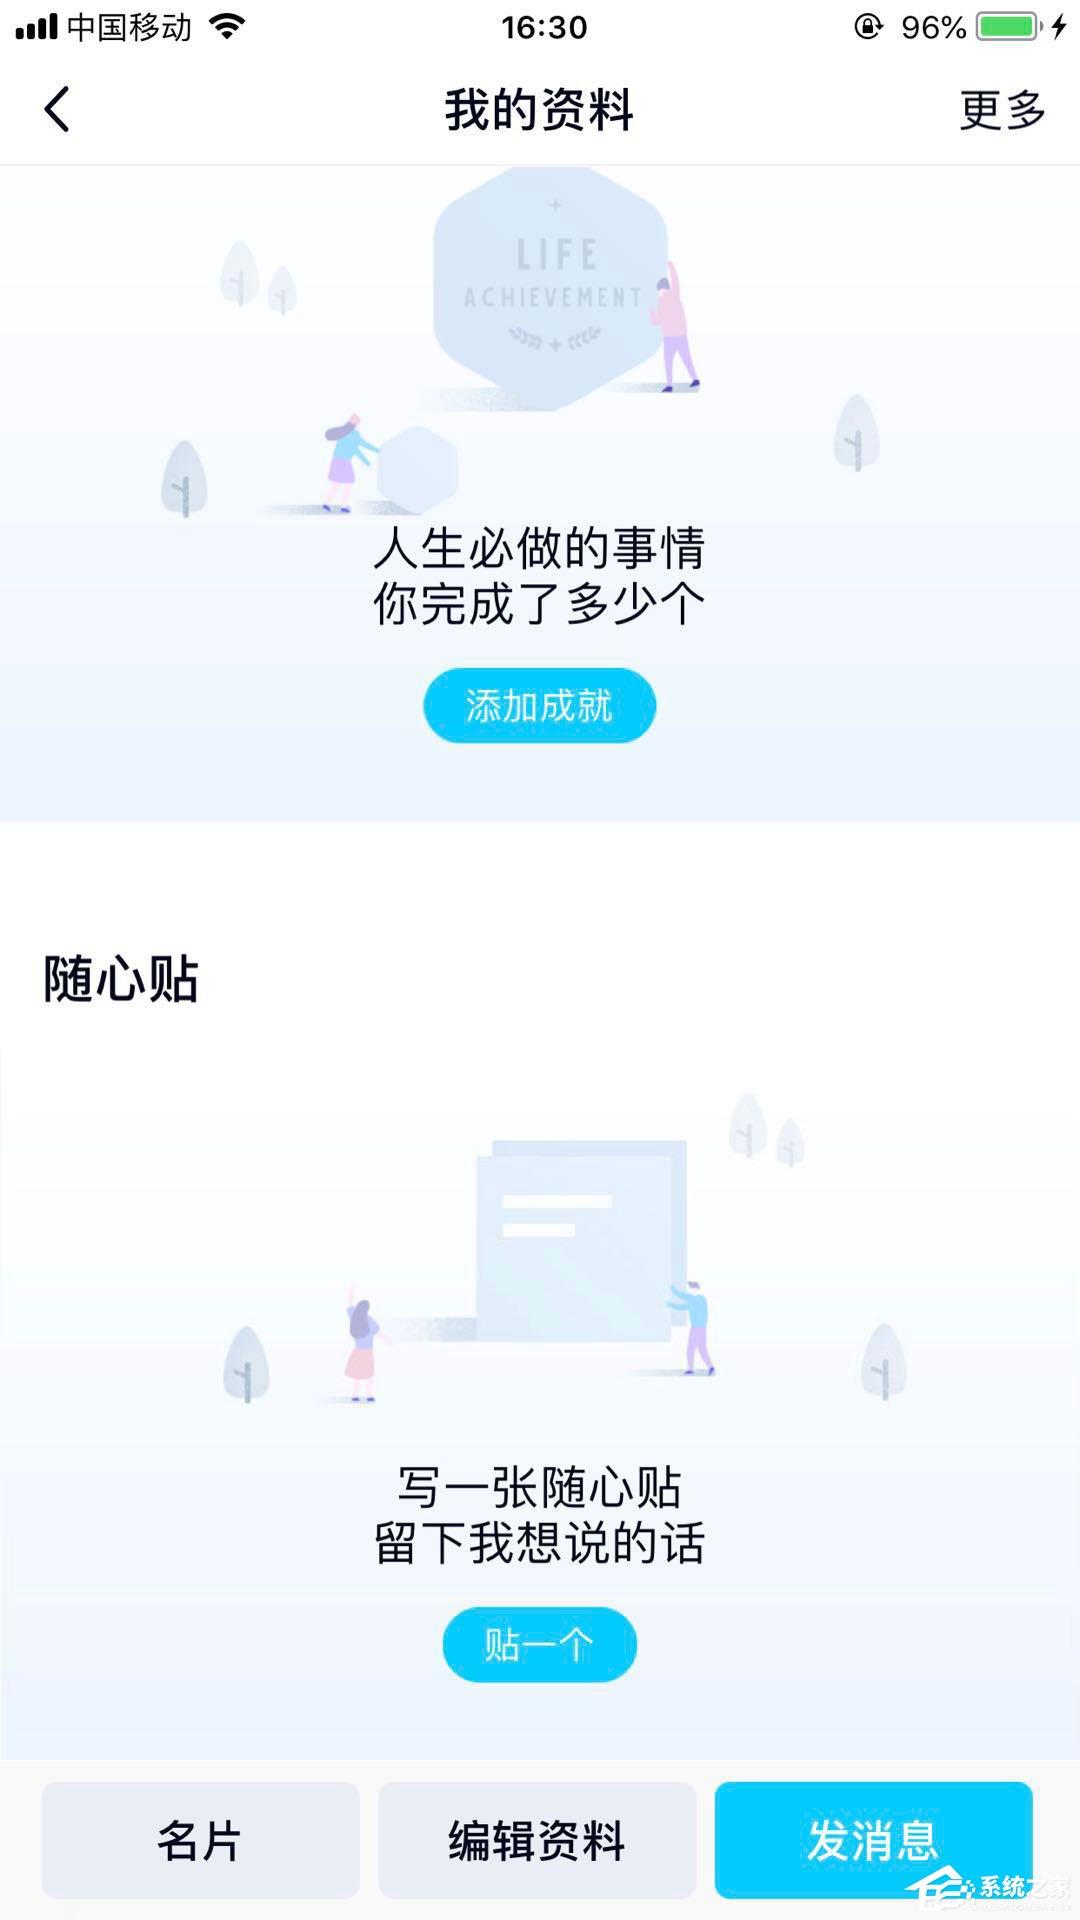 QQ随心贴怎么写?一招教你写好QQ随心贴!